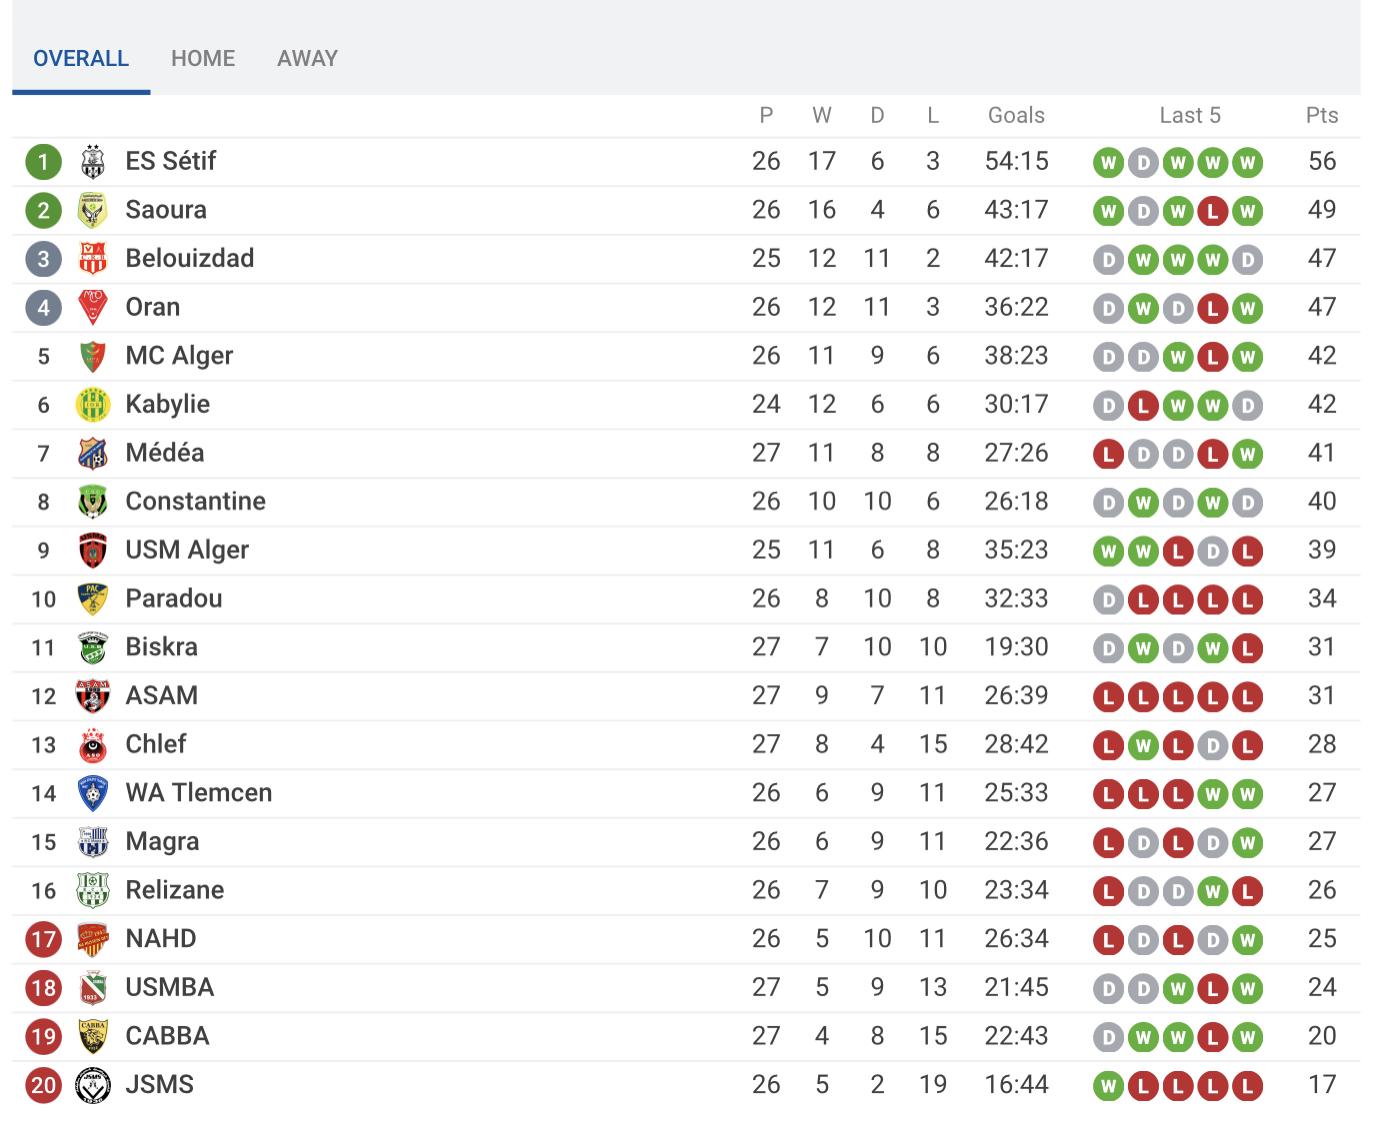 Ligue 1 CABBA USMBA